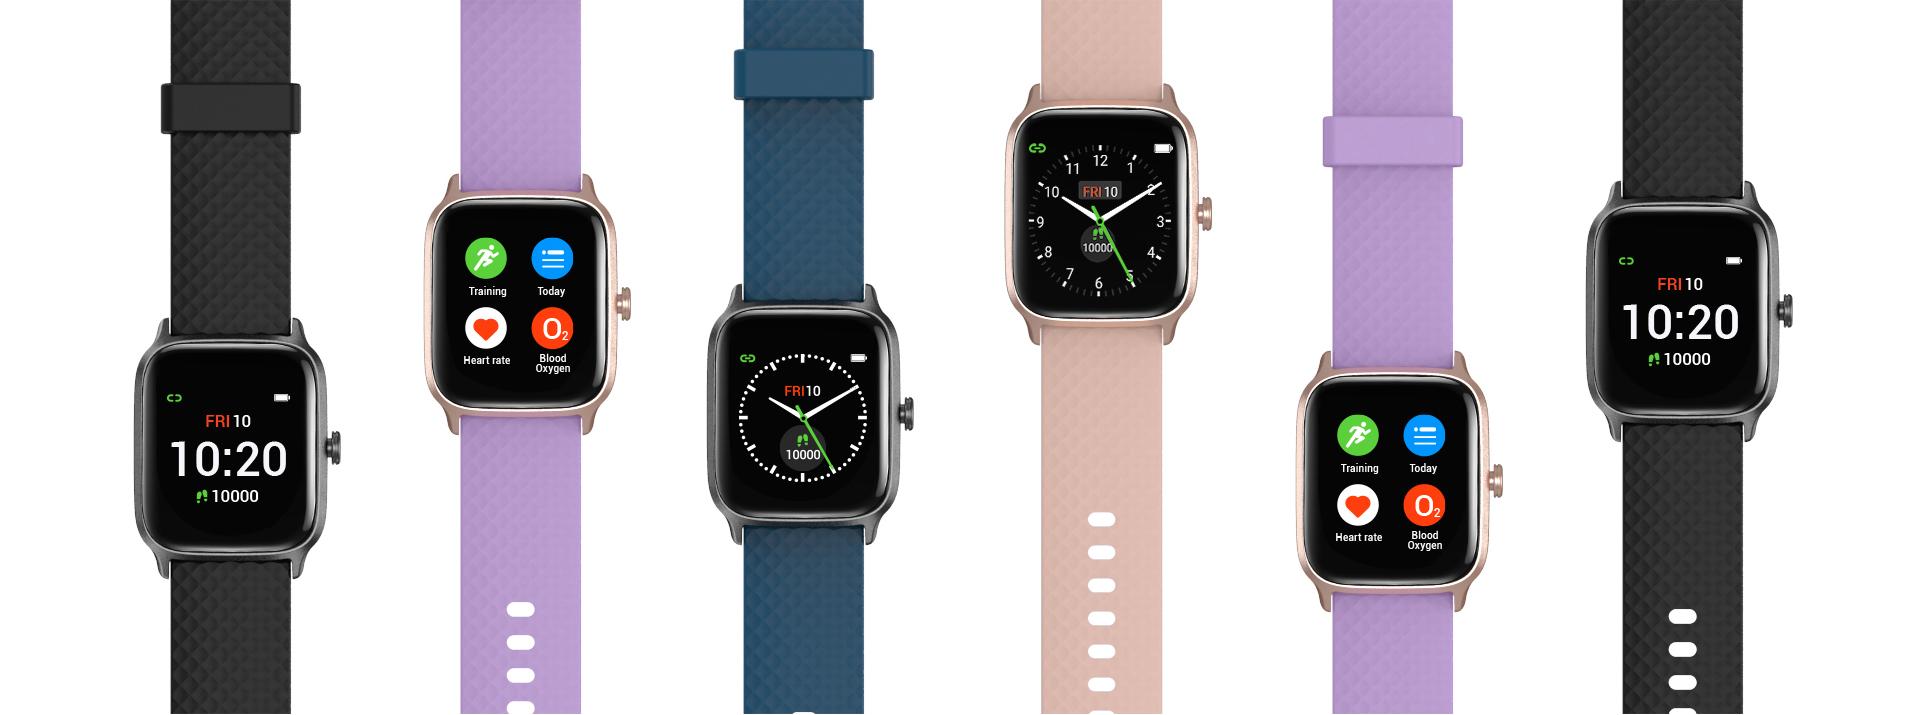 EW1 Smart Watch